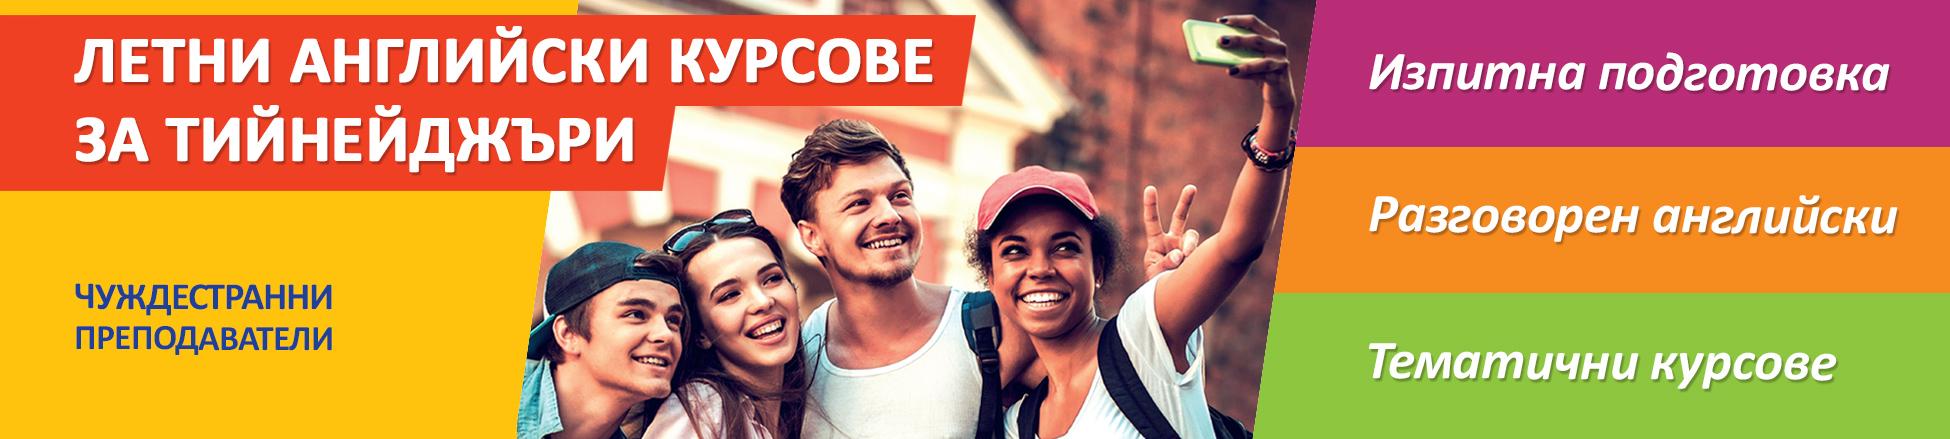 Разговорен английски, изпитна подготовка, специализирани курсове по английски език